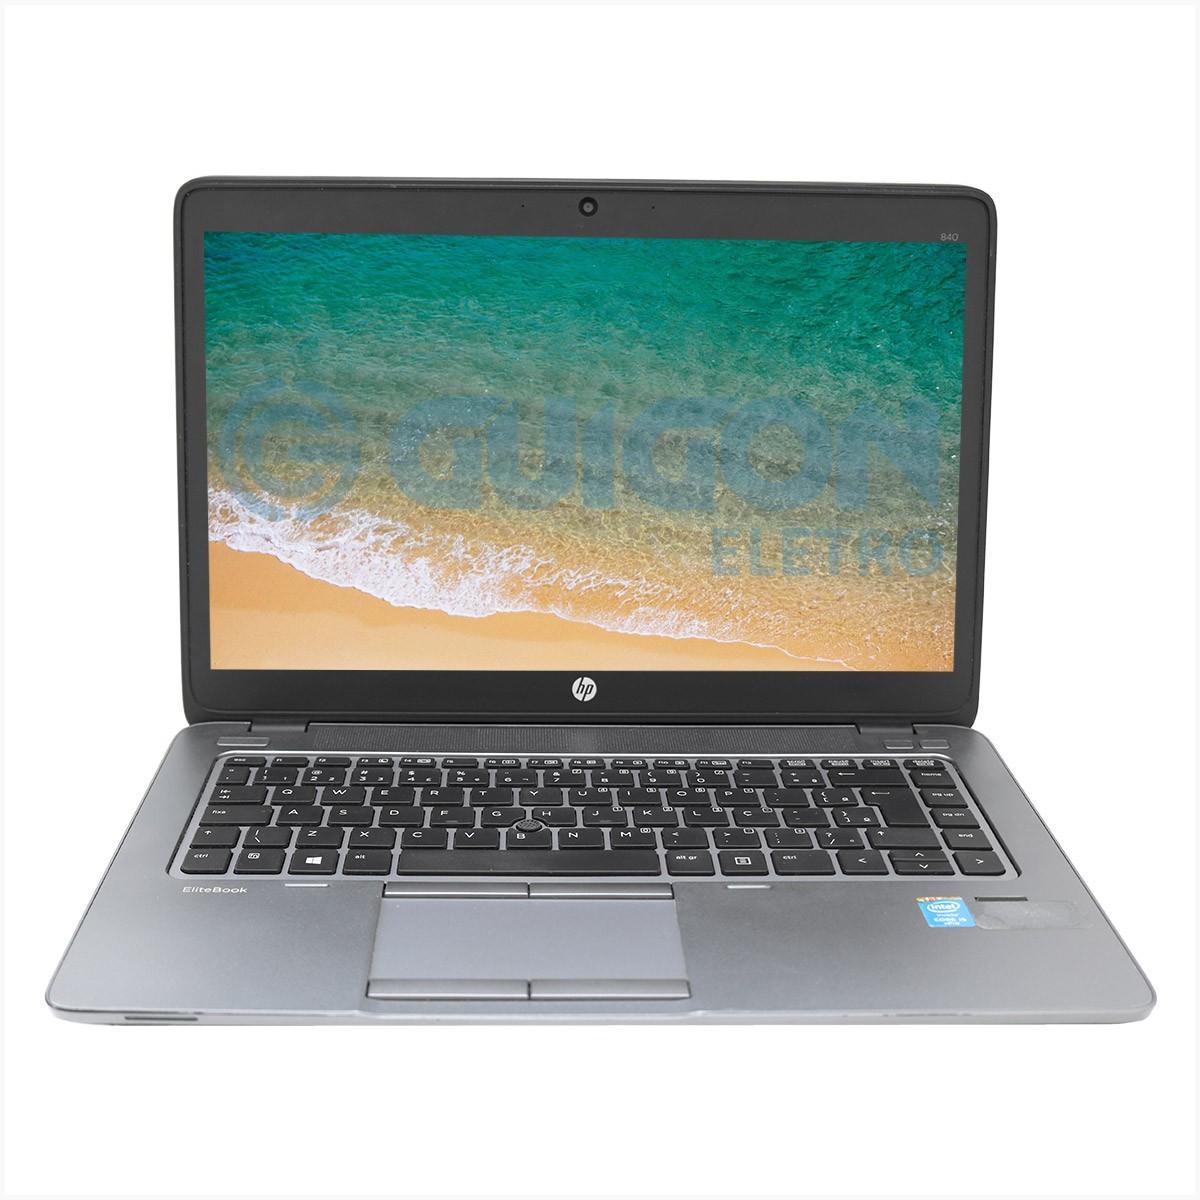 Notebook HP EliteBook 840G2 i5 8gb 240gb Ssd - Usado